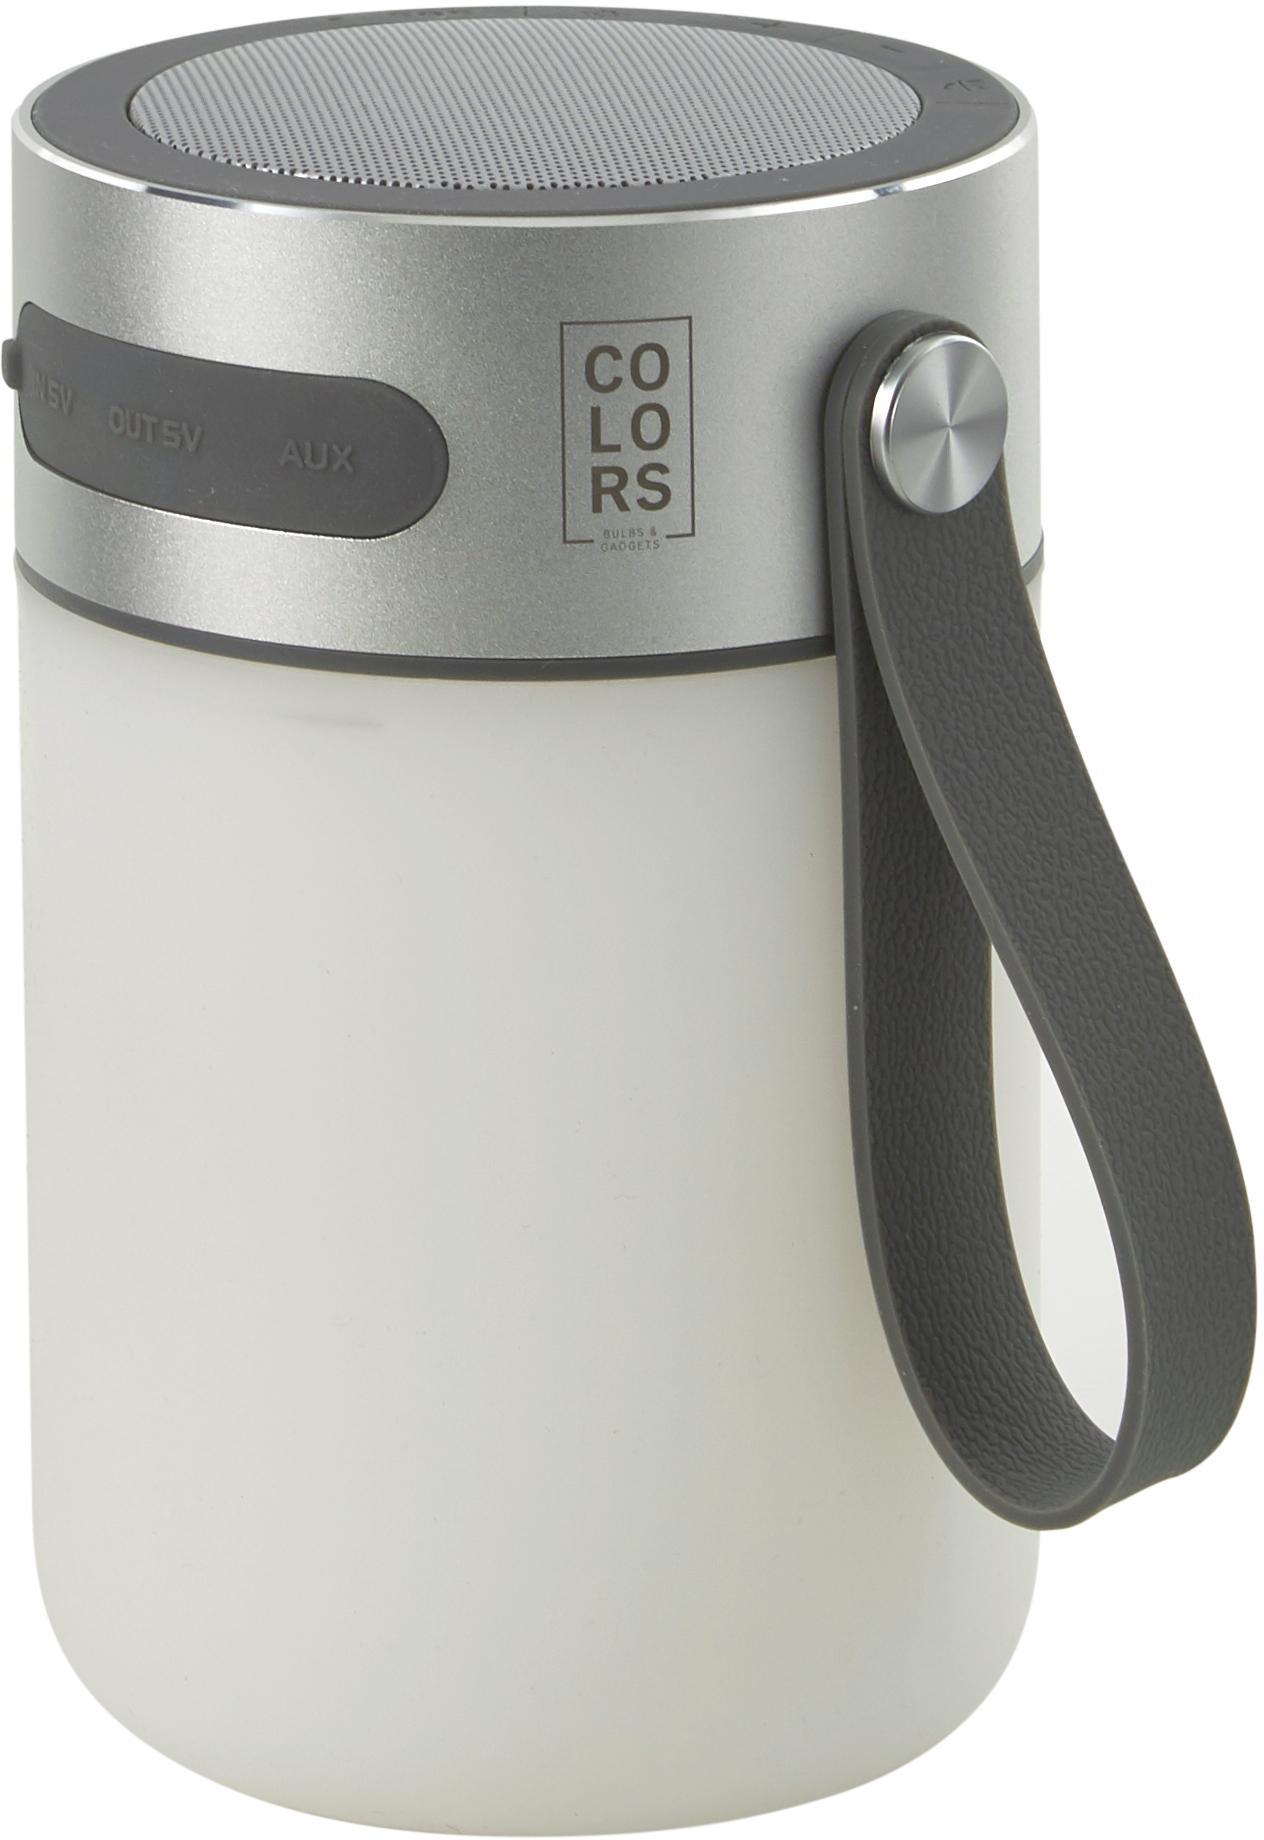 Mobiele outdoor LED lamp met luidspreker Sound Jar, Frame: metaal, Lampenkap: kunststof, Zilverkleurig, wit, Ø 9 x H 14 cm